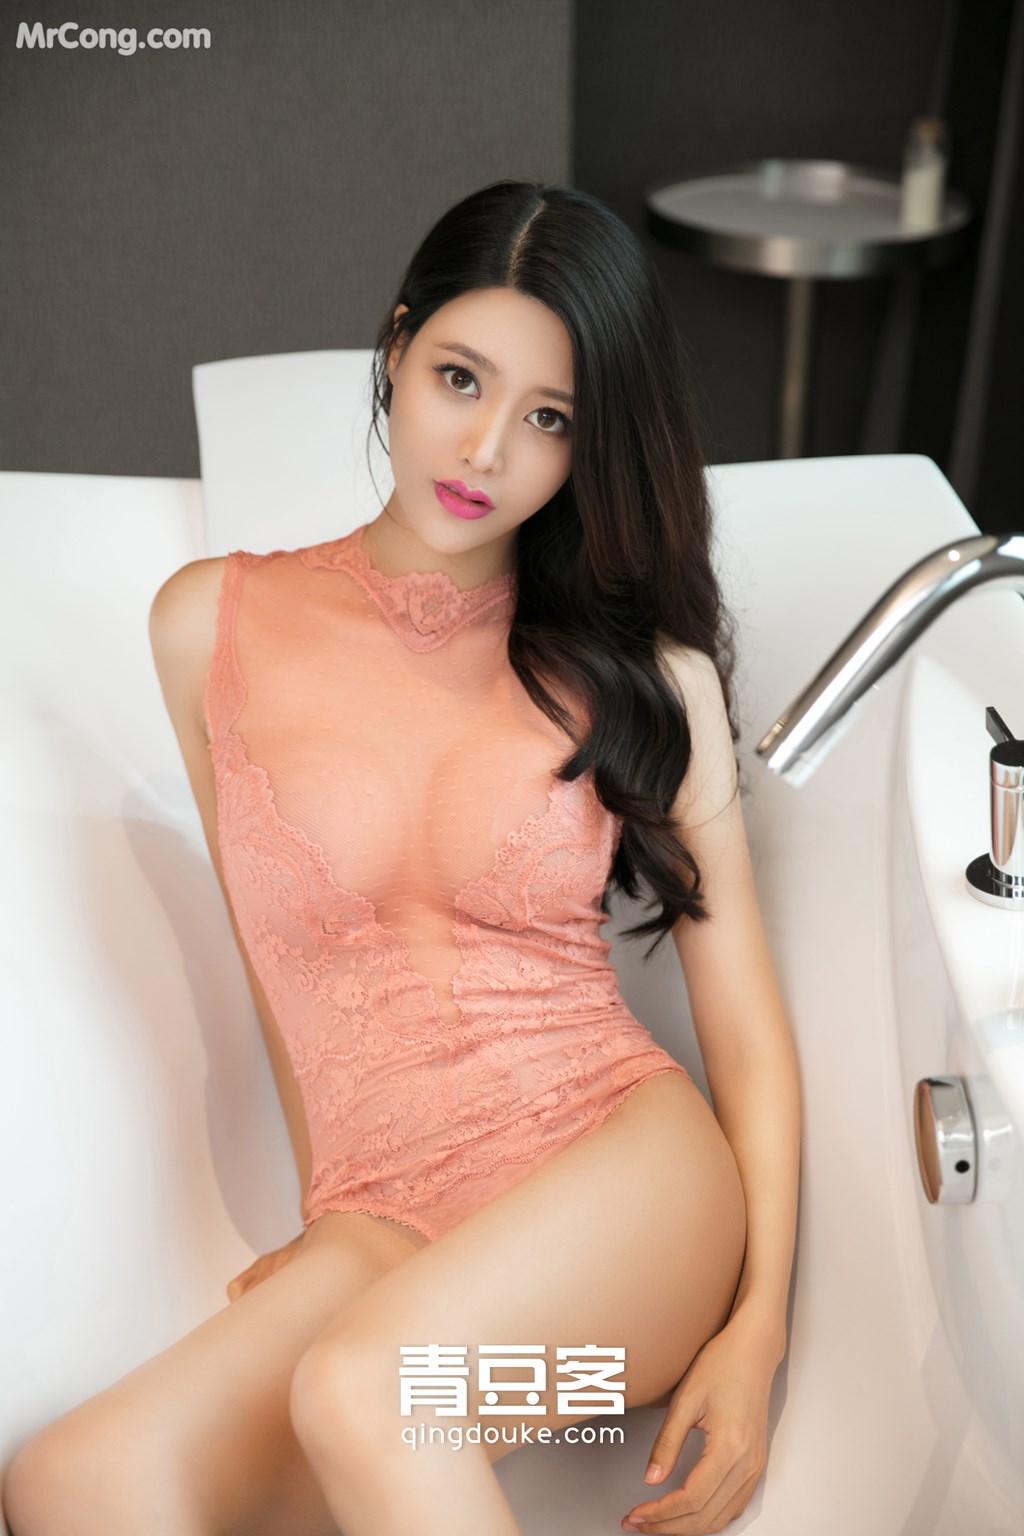 QingDouKe 2017-10-31: Model Li Xiao Ran (李小冉) (51 photos)